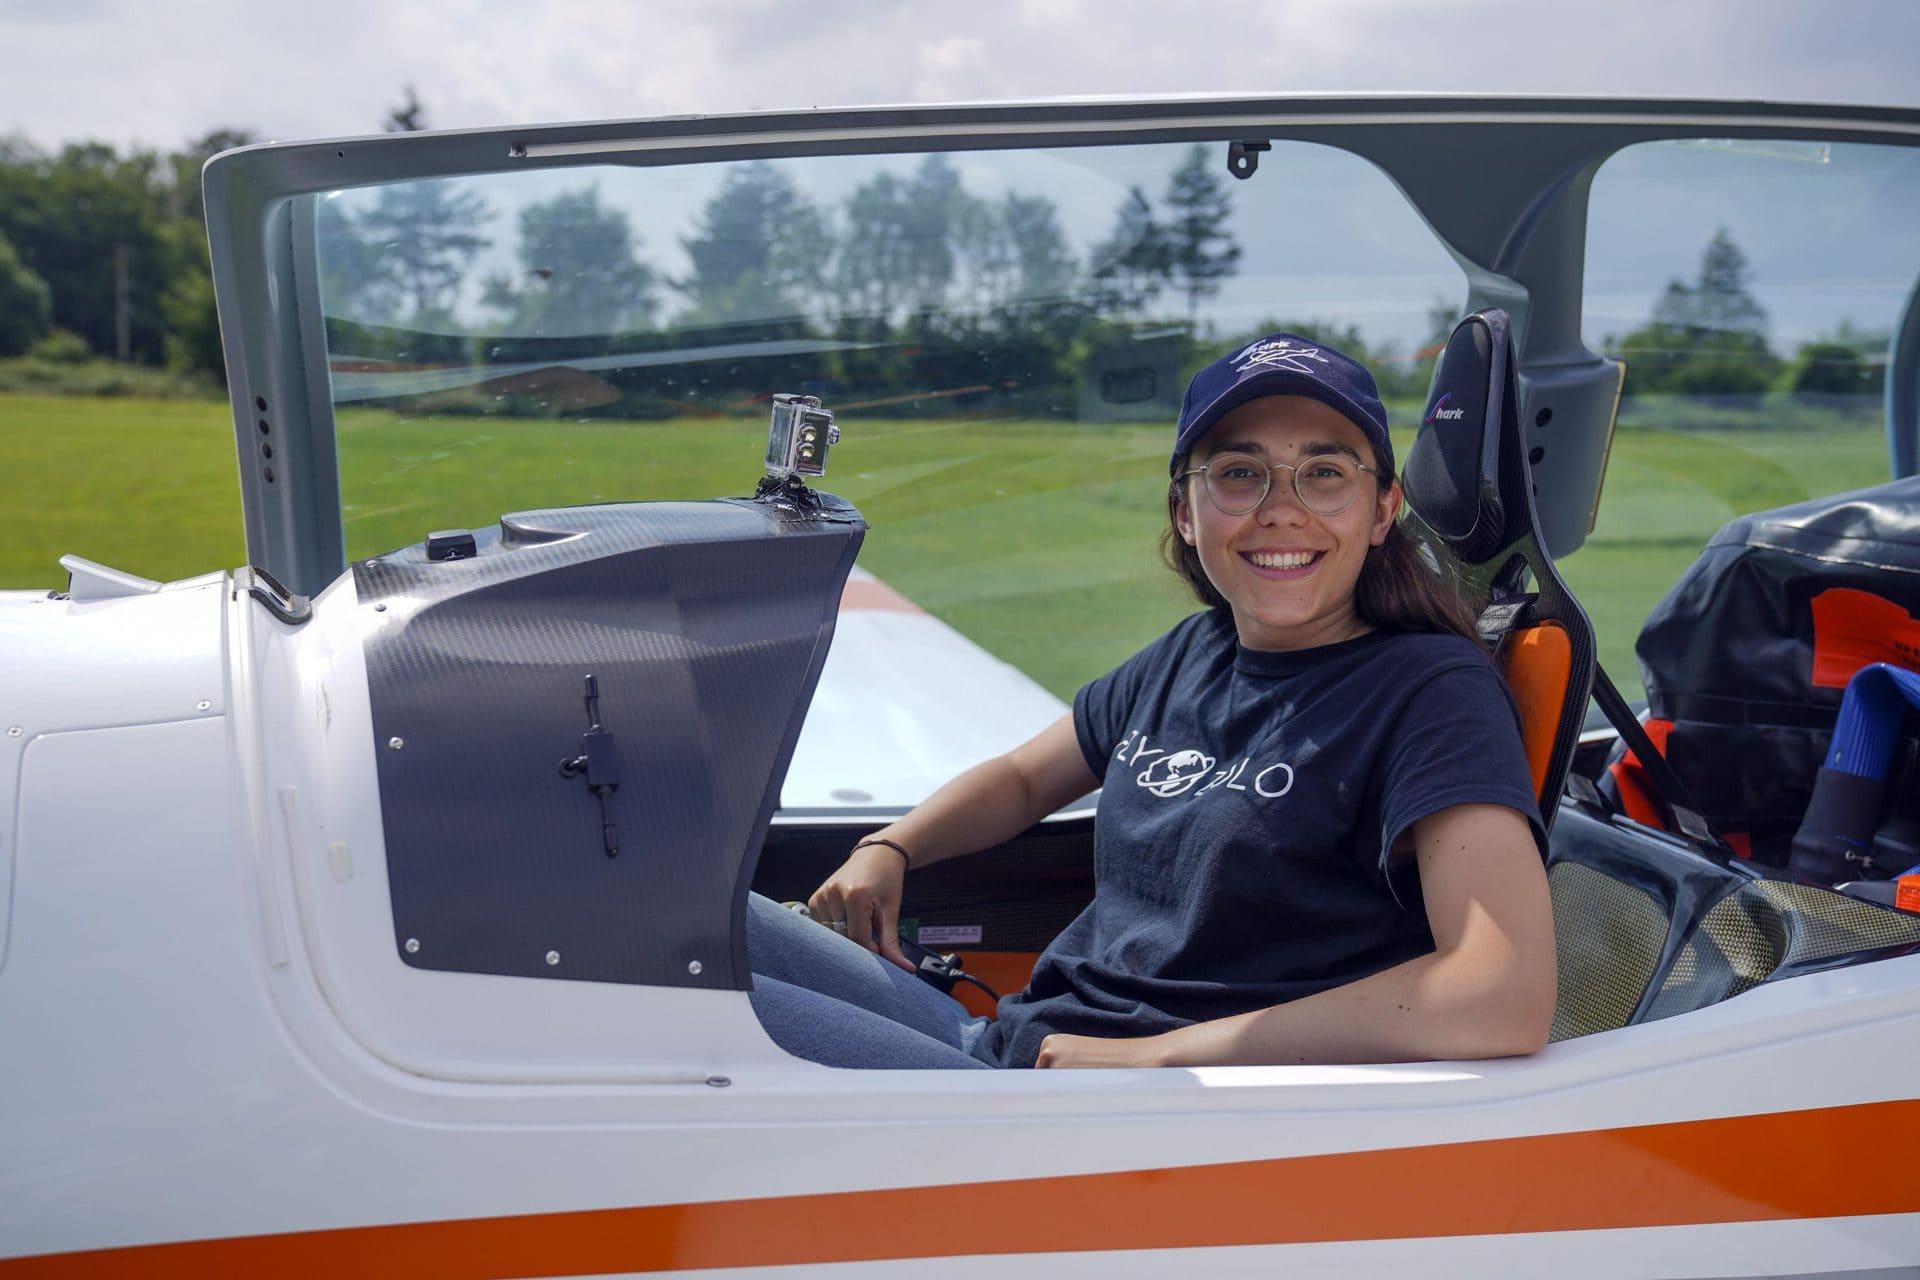 Allein um die Welt: 19-jährige Pilotin will Weltrekord brechen